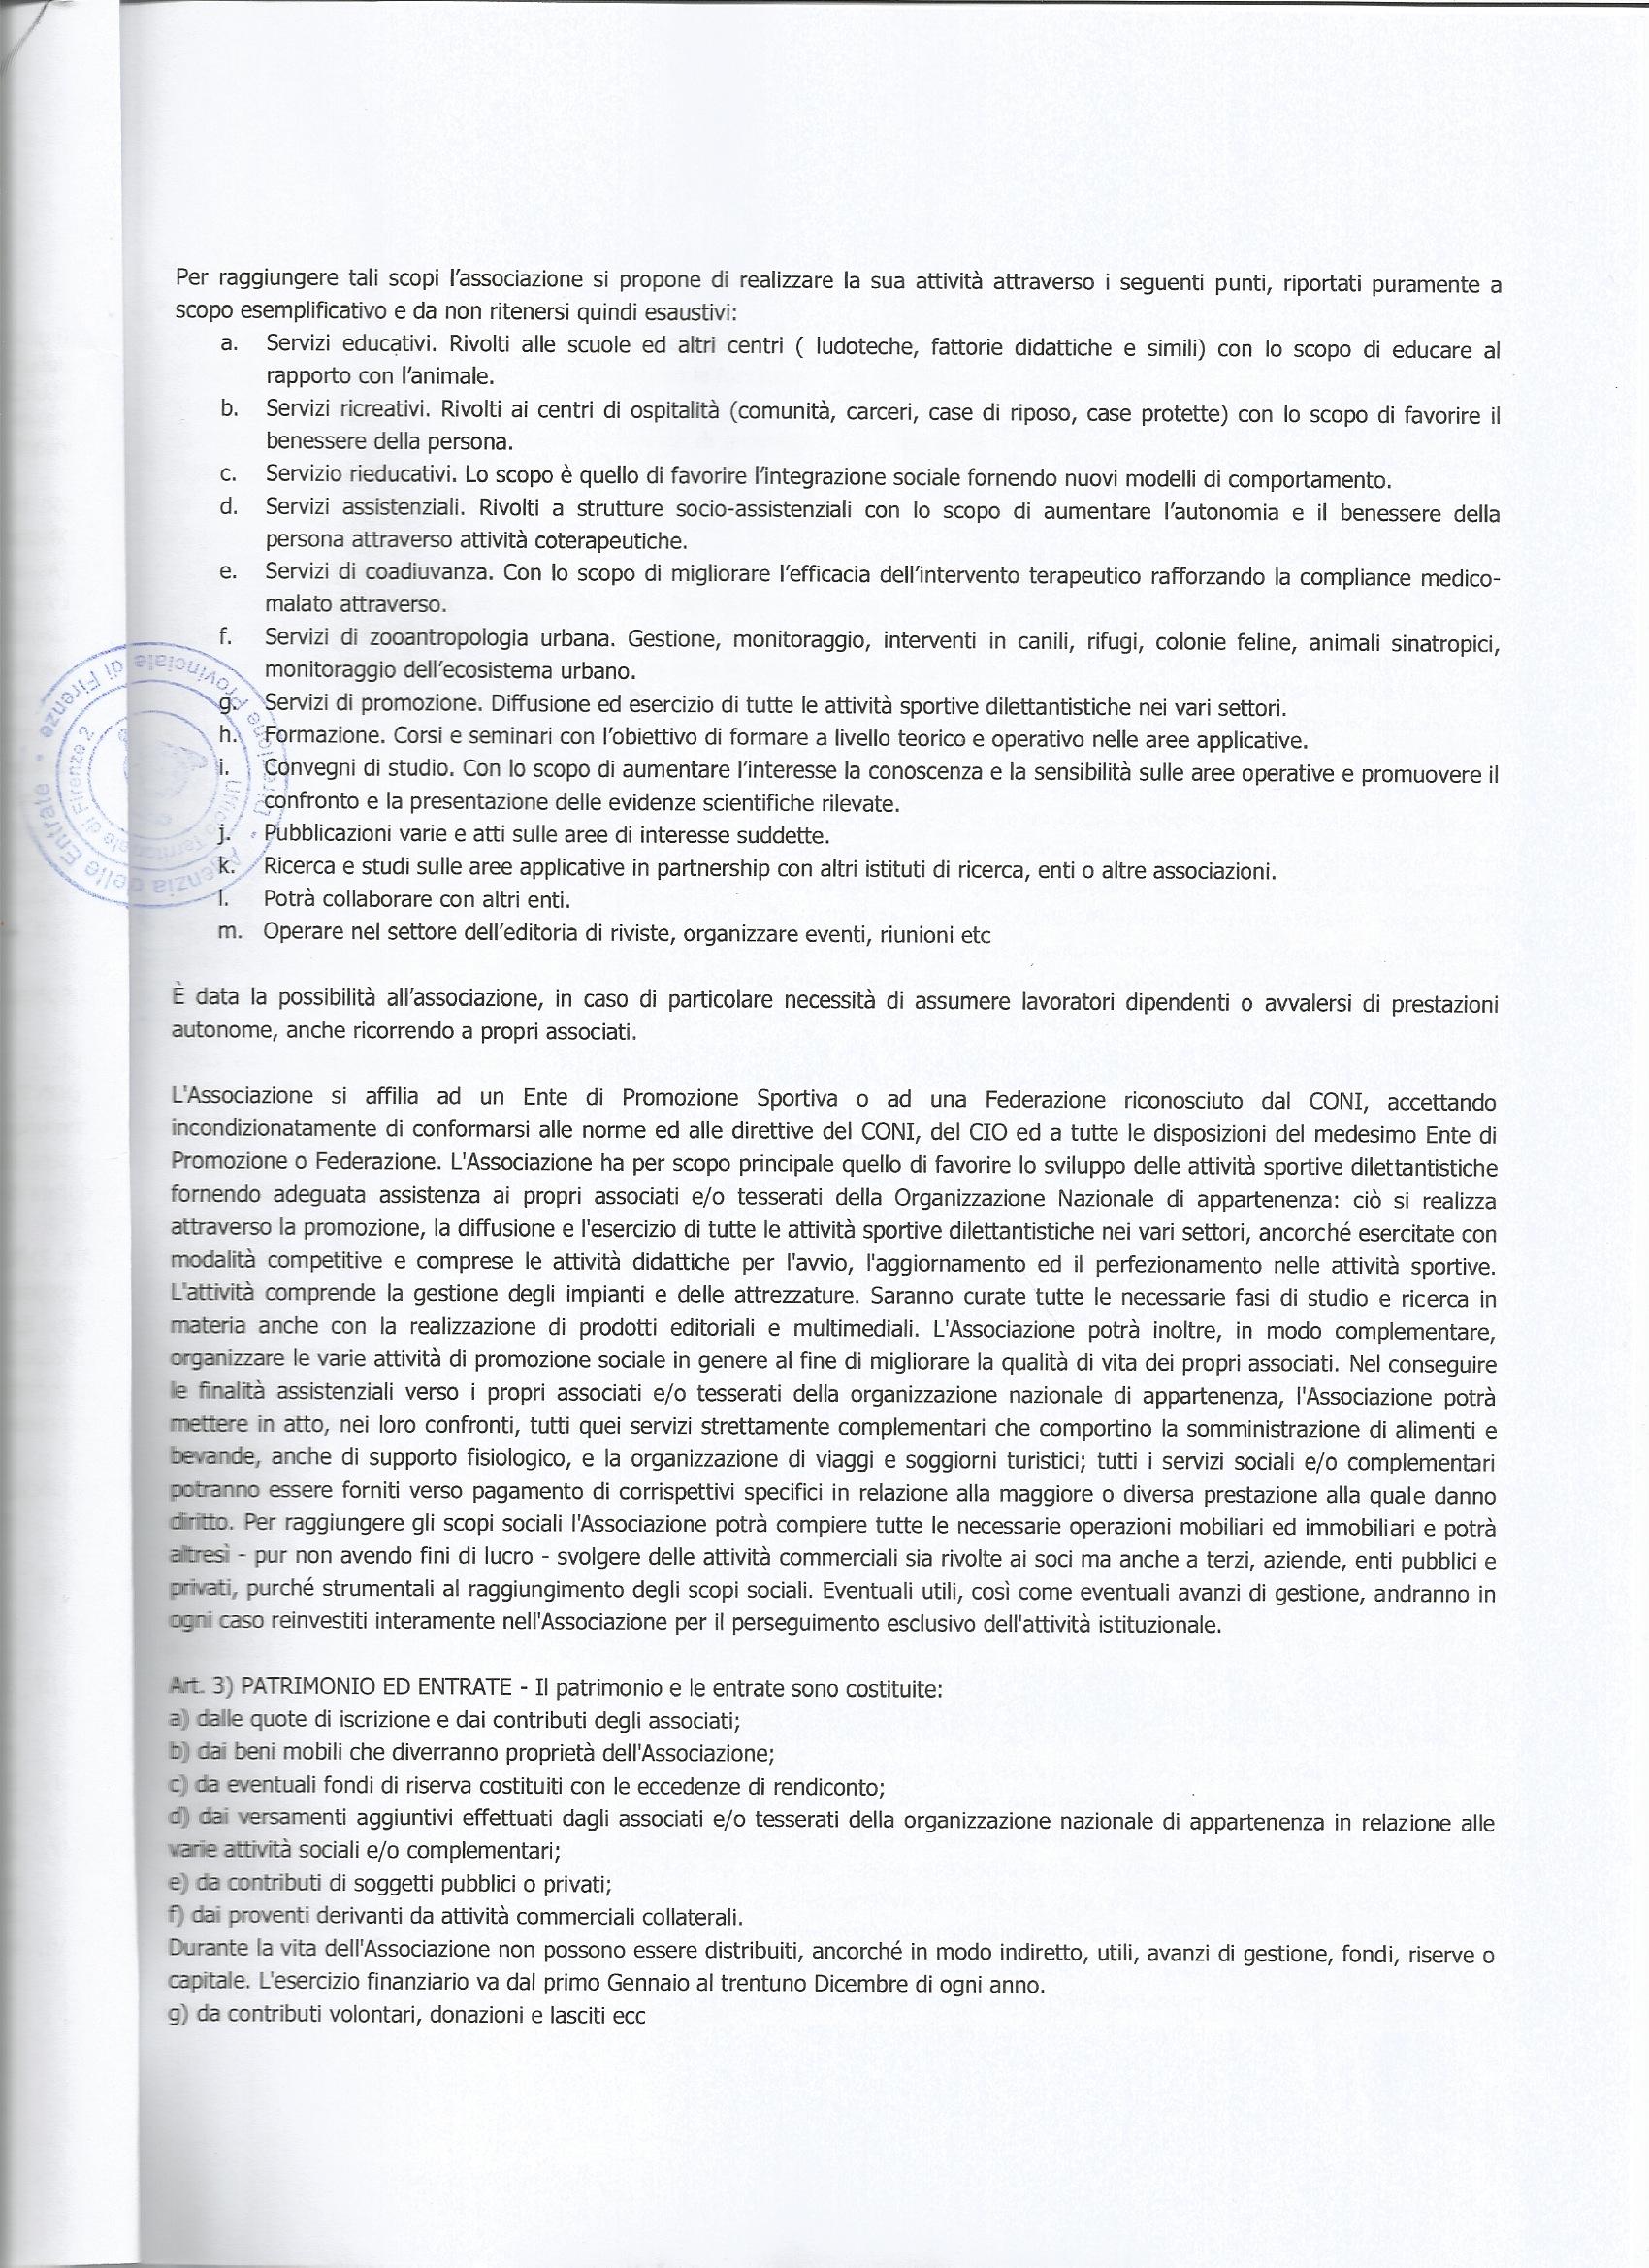 atto costitutivo 2.jpg